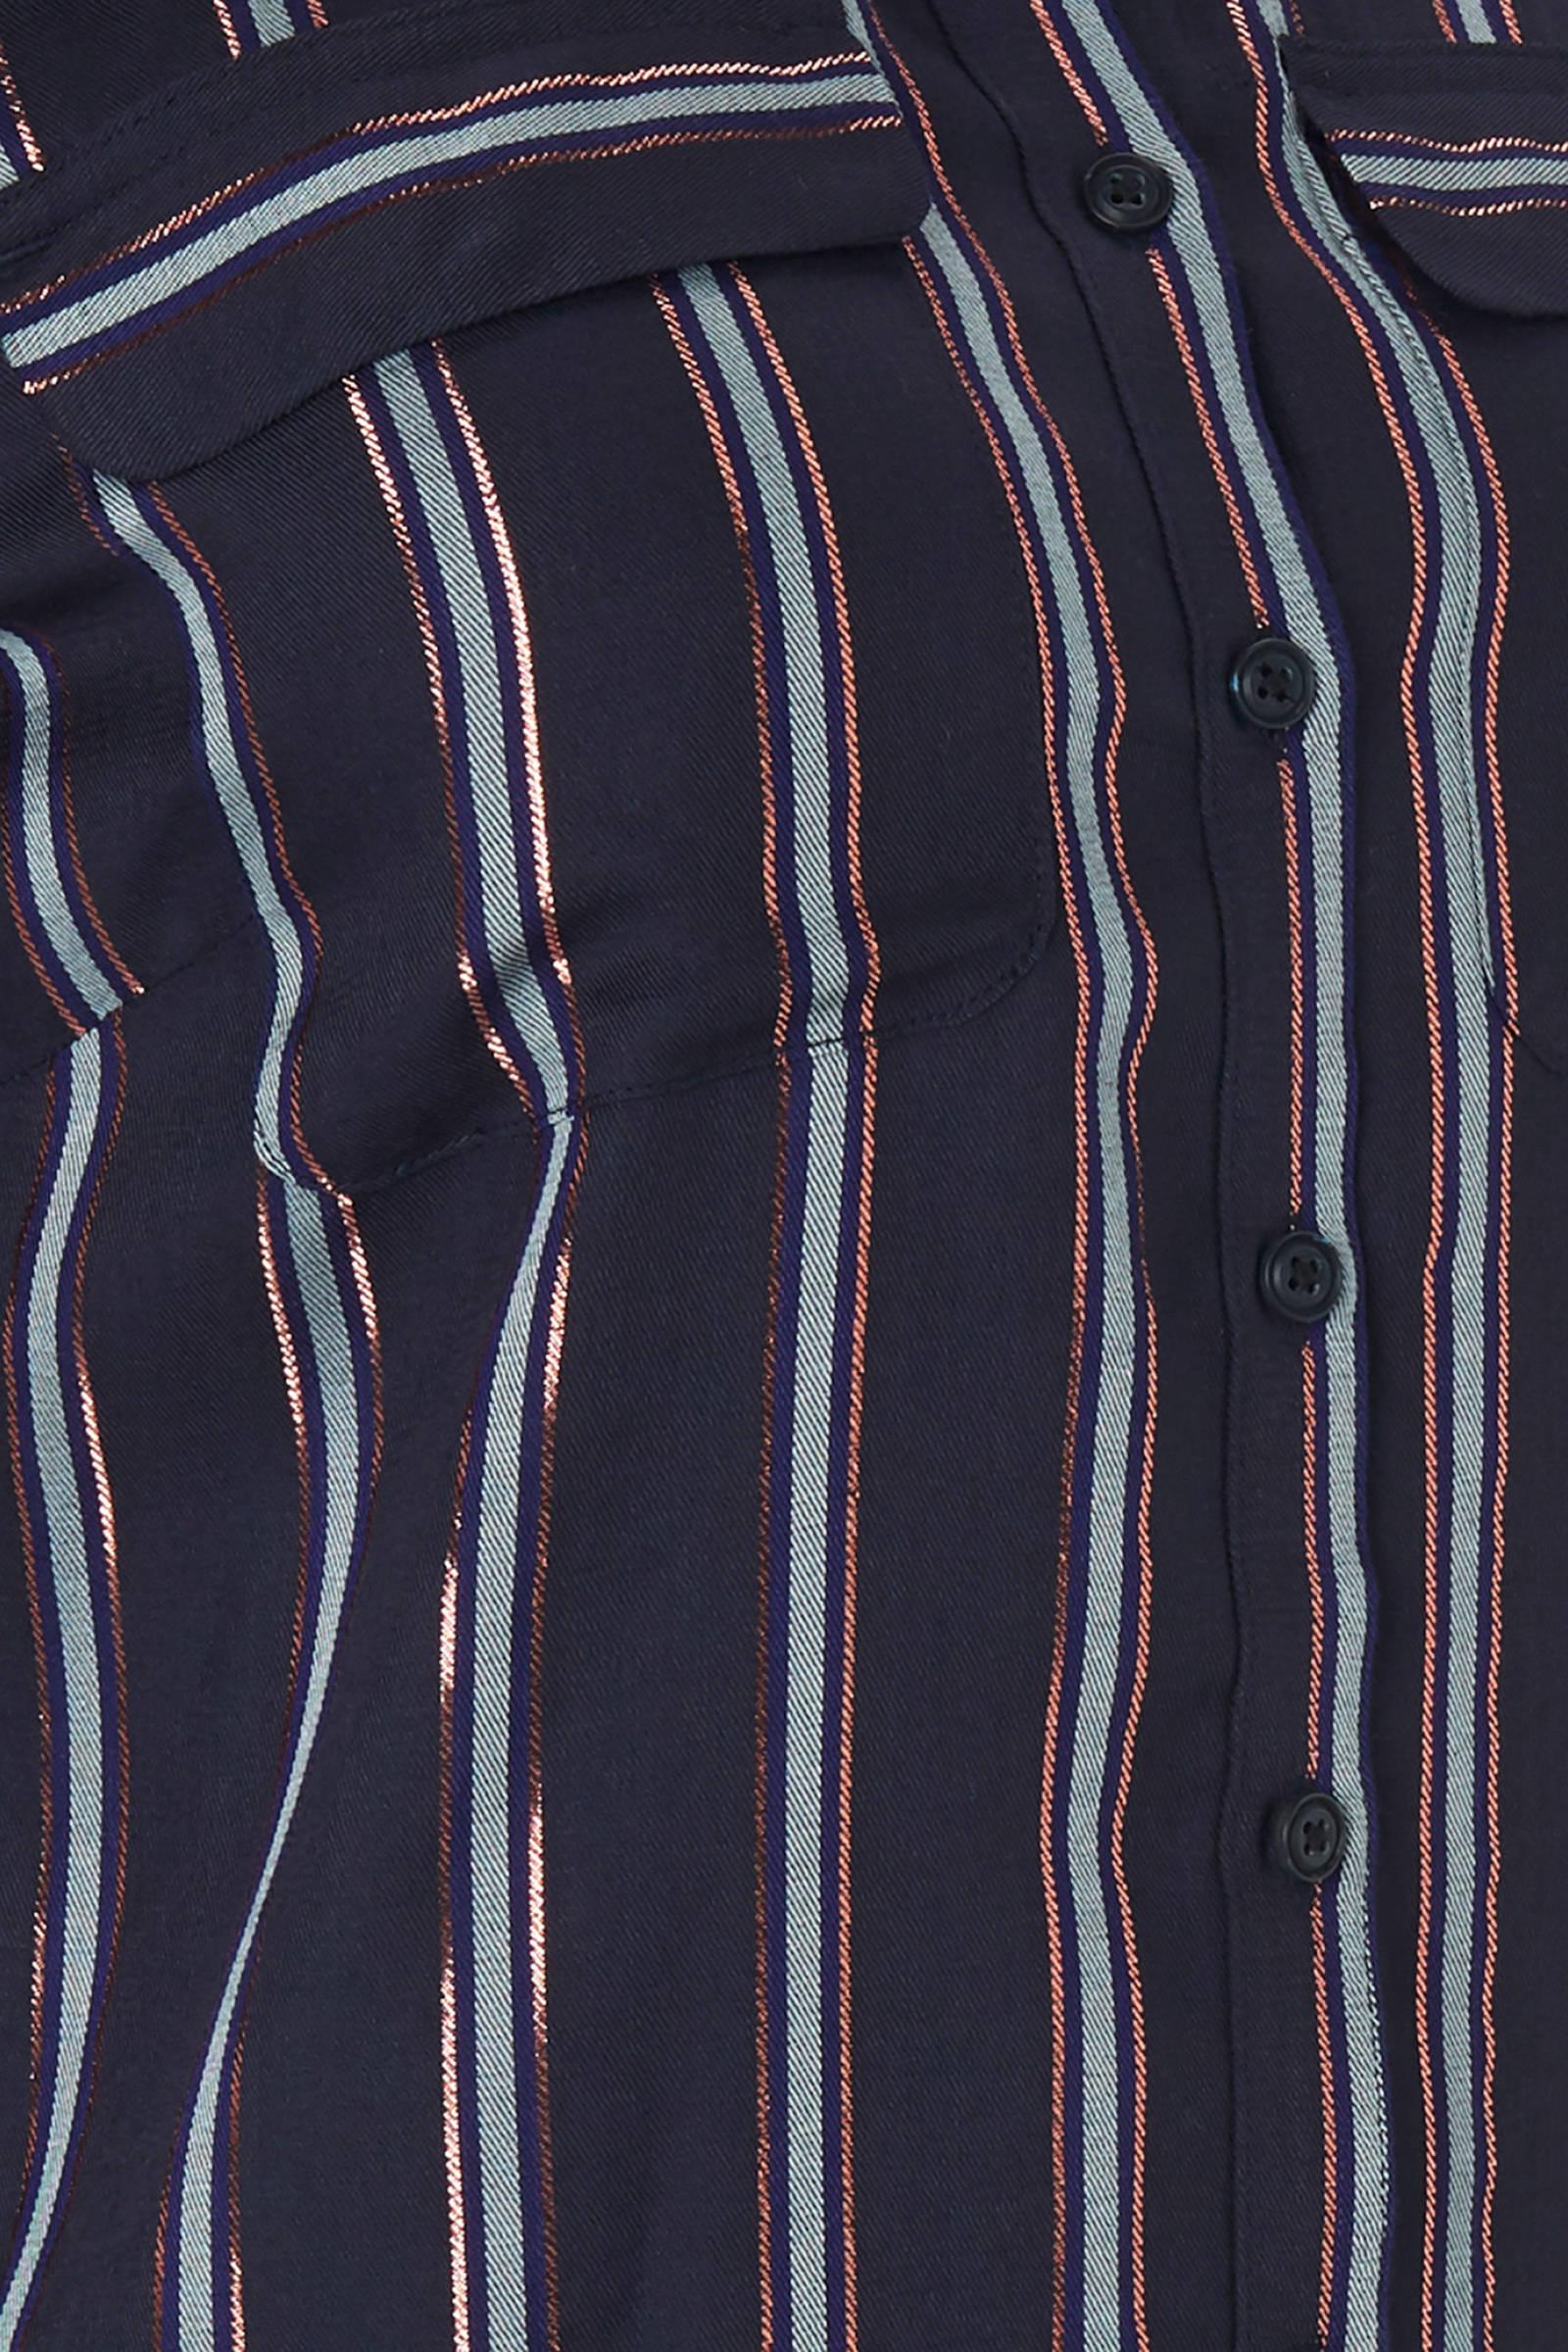 blouse blauw CKS gestreepte Maki blauw blouse gestreepte CKS Maki CKS gestreepte tdEqgxg